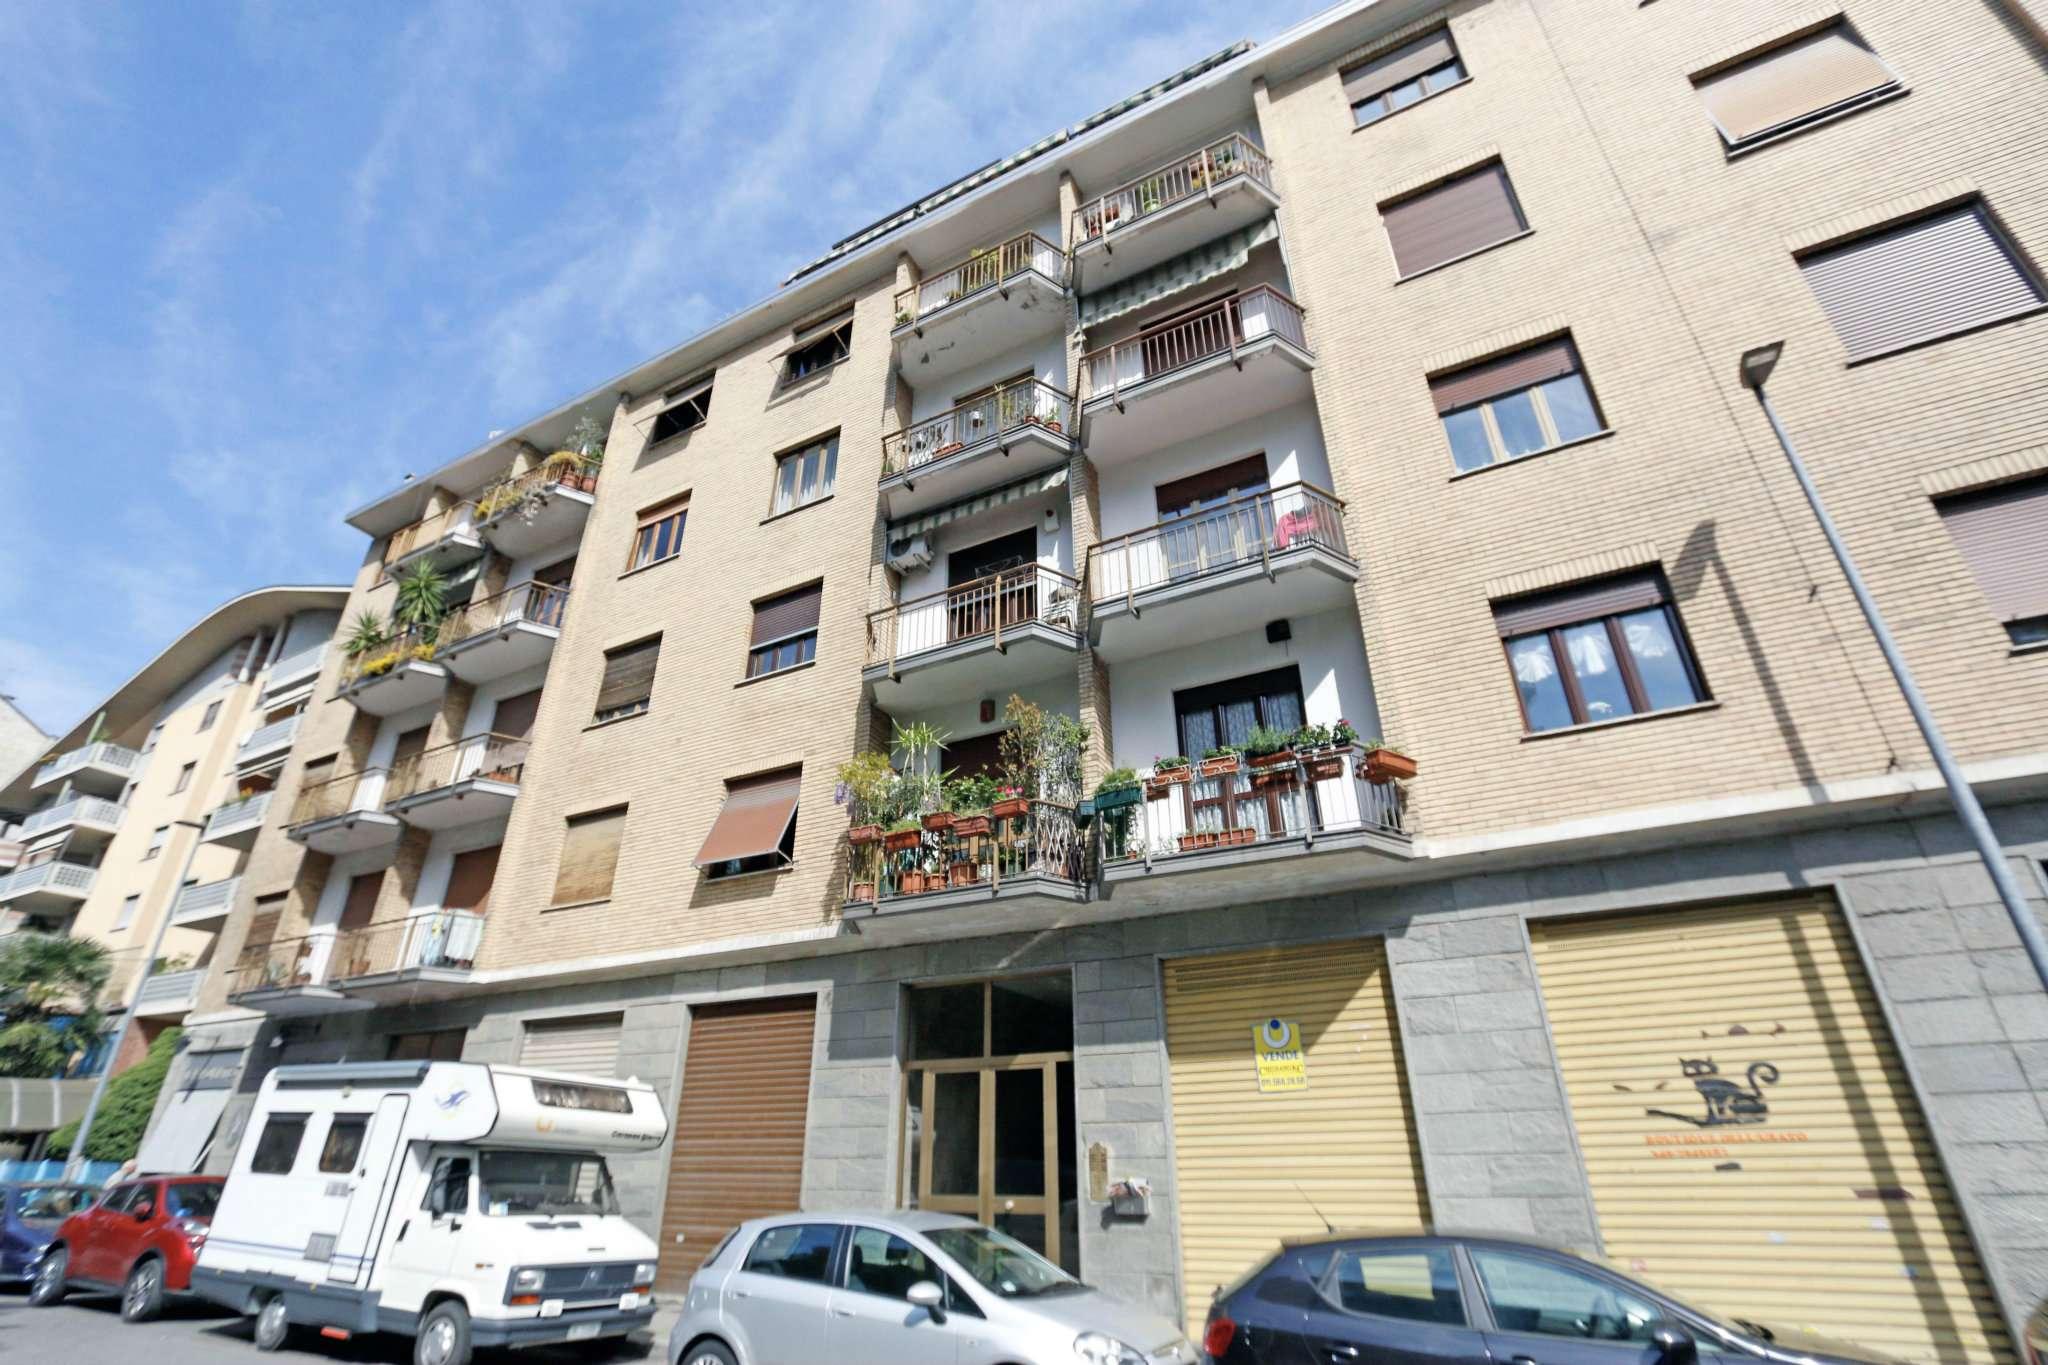 Negozio in vendita Zona Cit Turin, San Donato, Campidoglio - via San Giovanni Bosco Torino